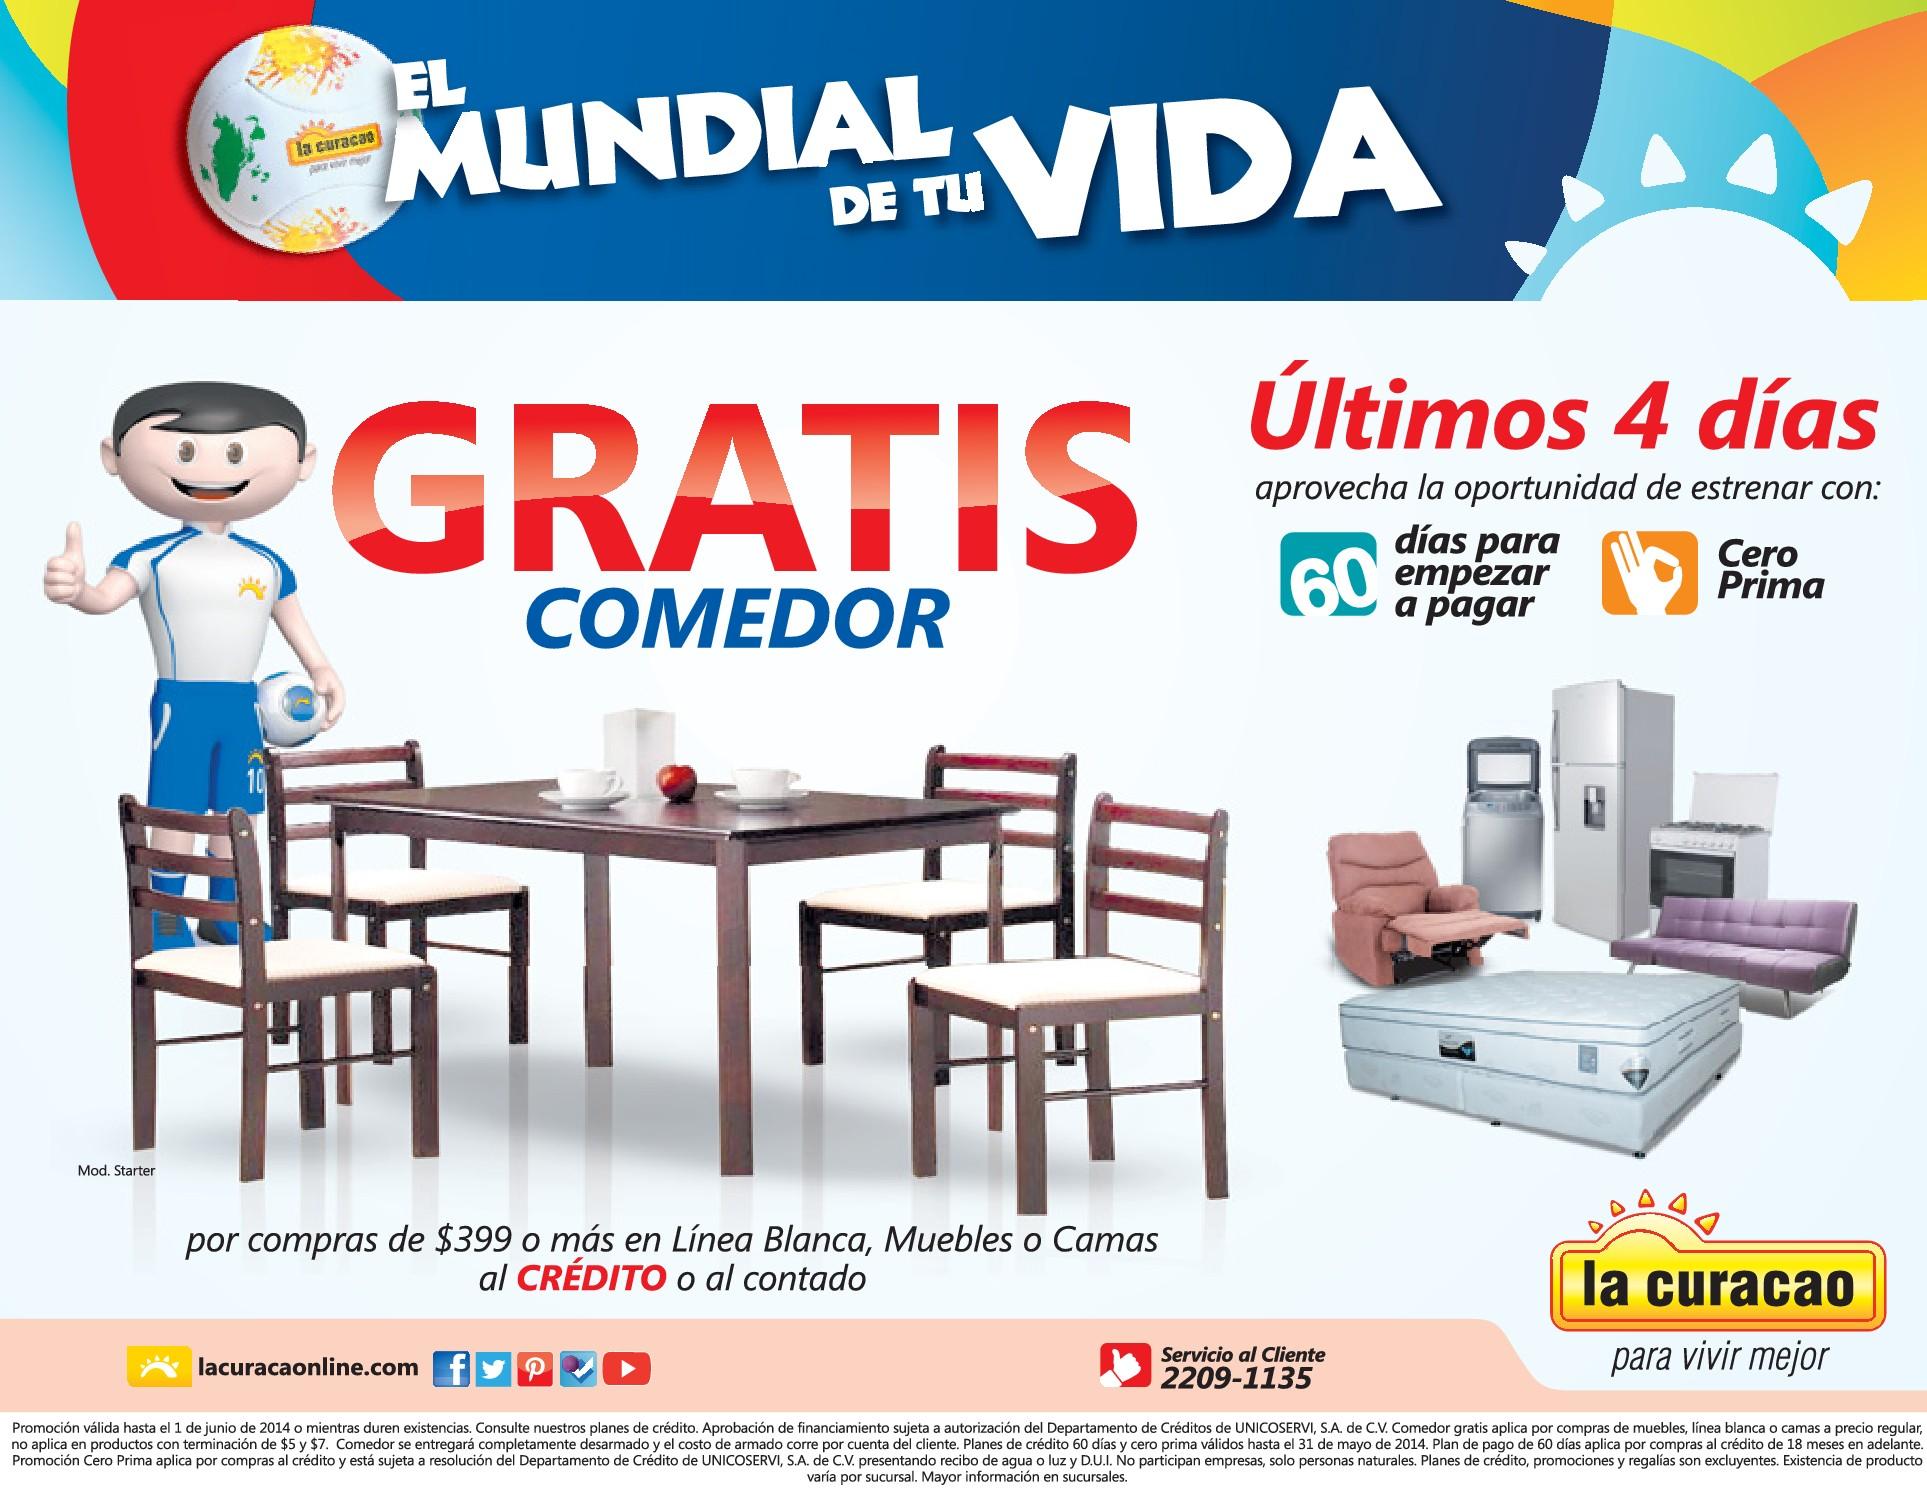 Gratis juegos de comedor promociones la curacao 28may14 for Juego de comedor oferta